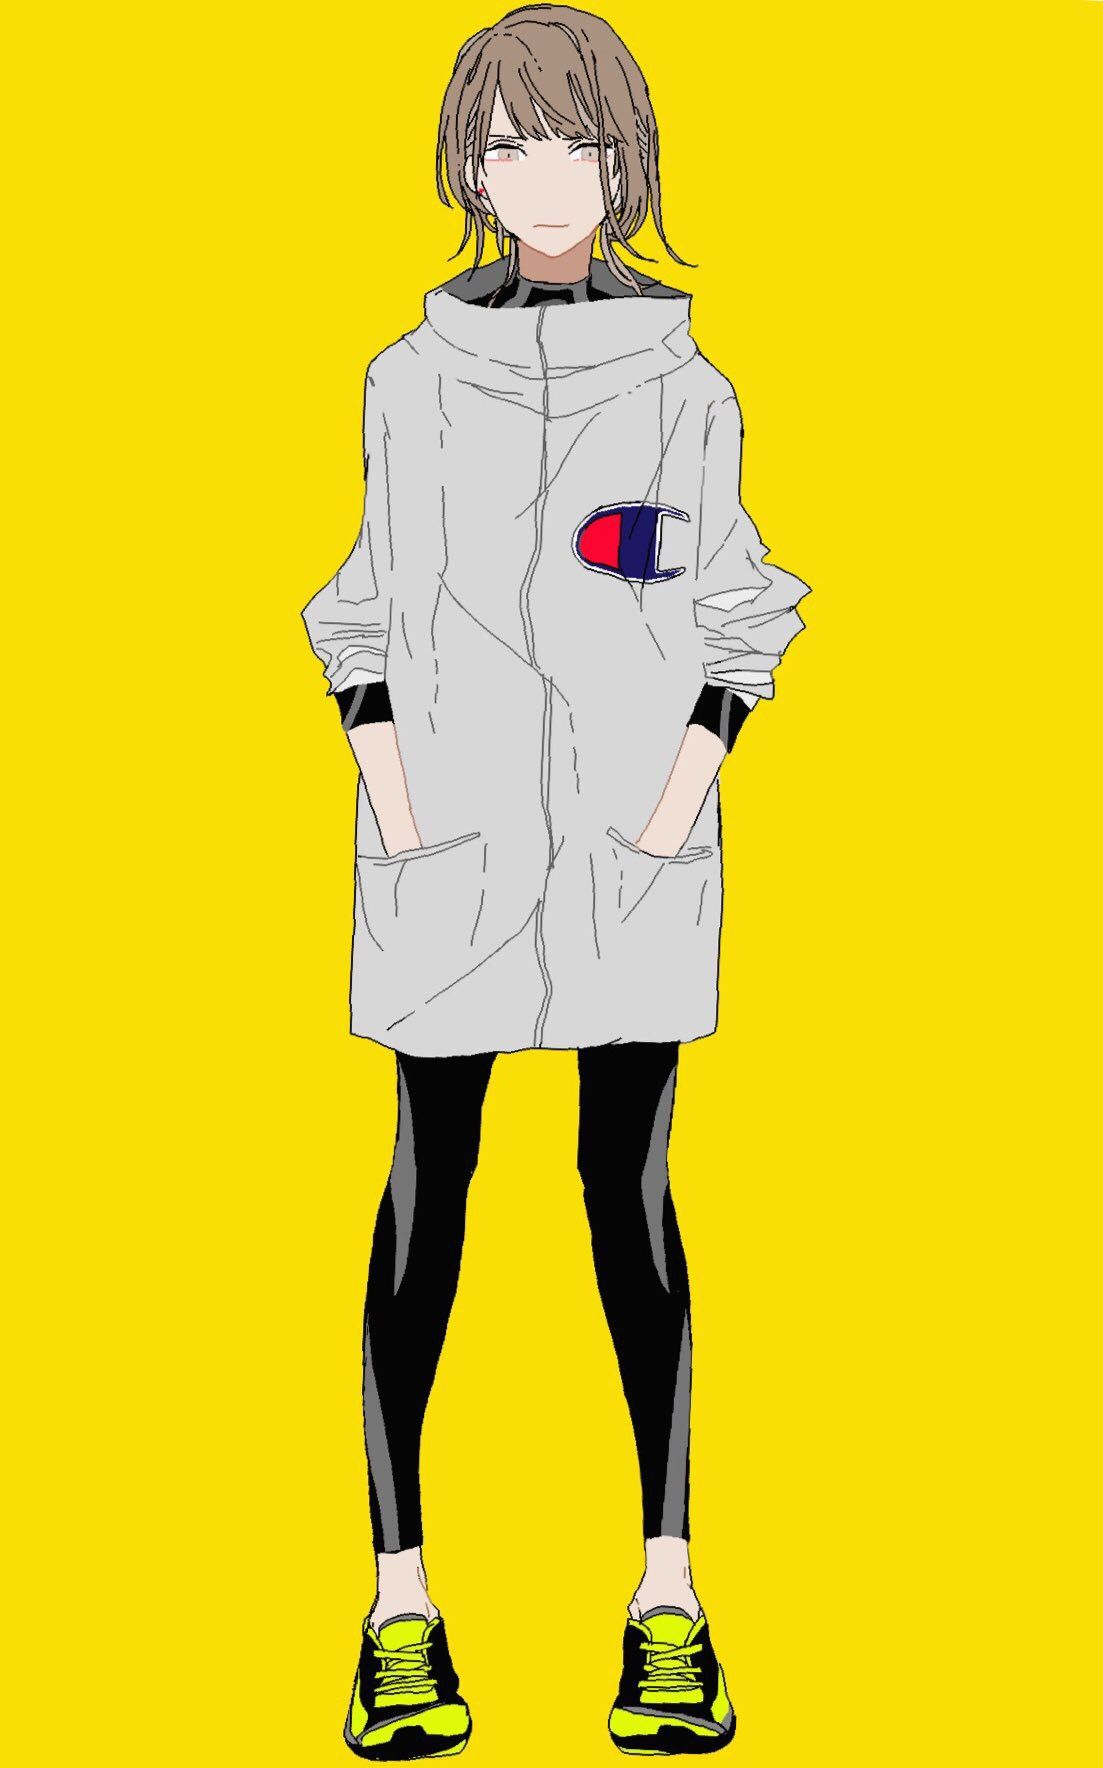 Asleeping 画像 漫画ガール パーカー イラスト 女の子イラスト かっこいい